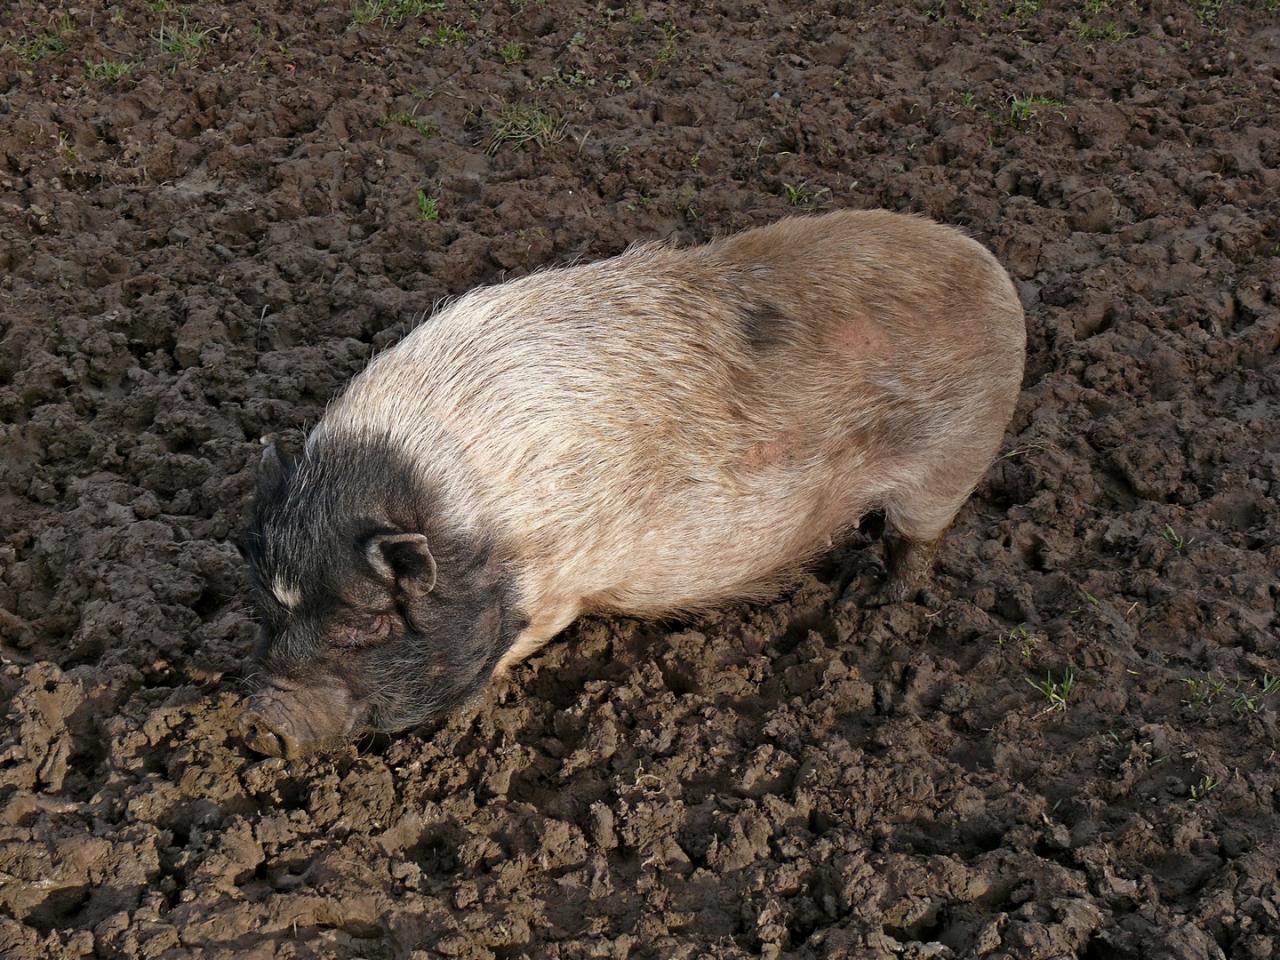 cochon d'Asie...ne pas confondre avec son cousin le cochon d'Inde...un peu plus petit!